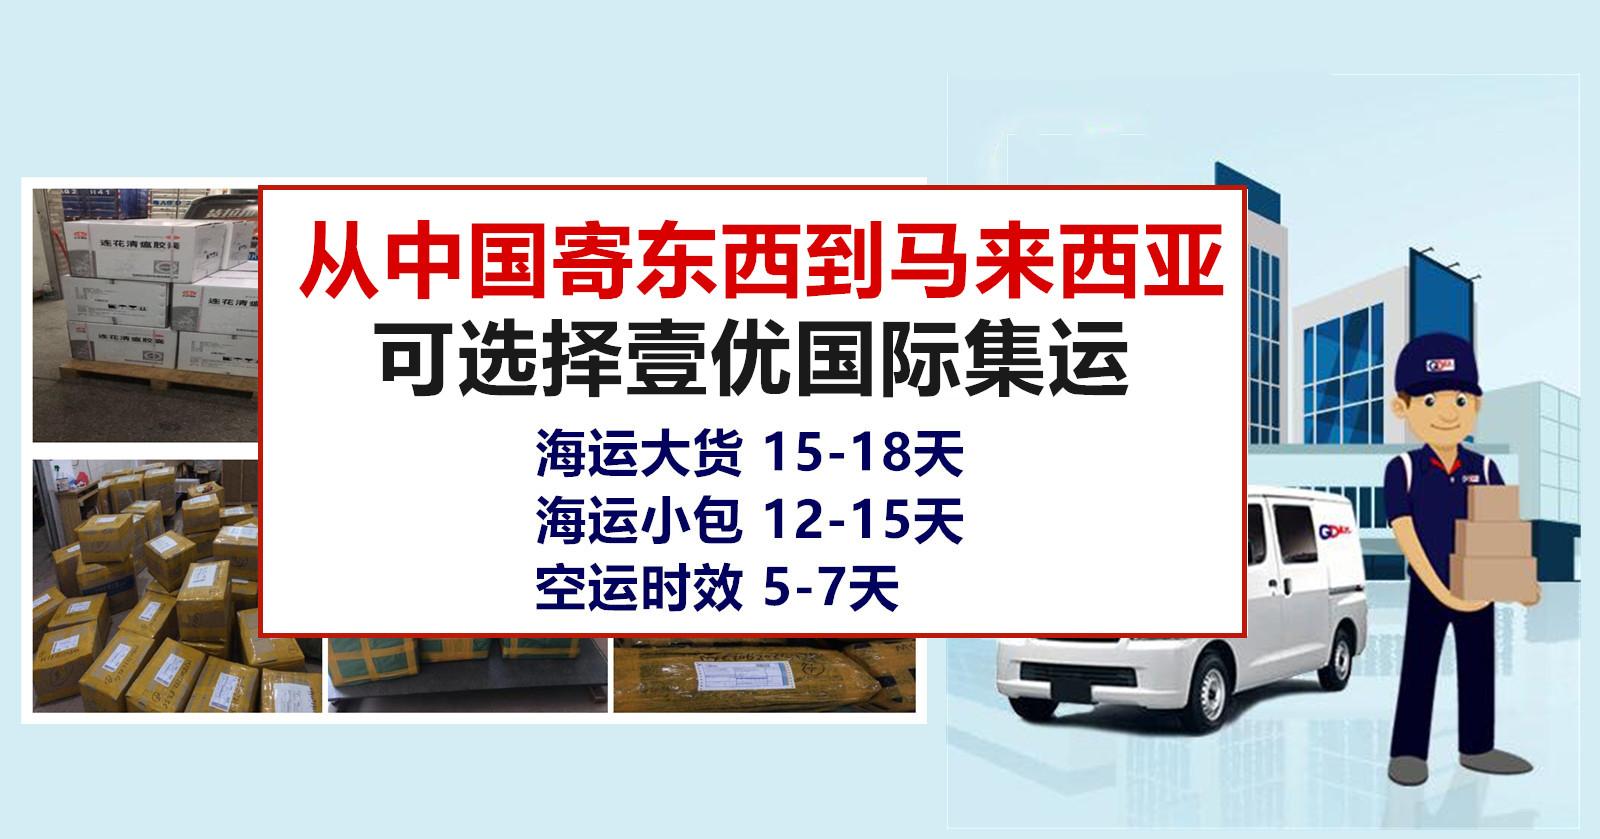 从中国电商网购,壹优国际集运是最佳选择